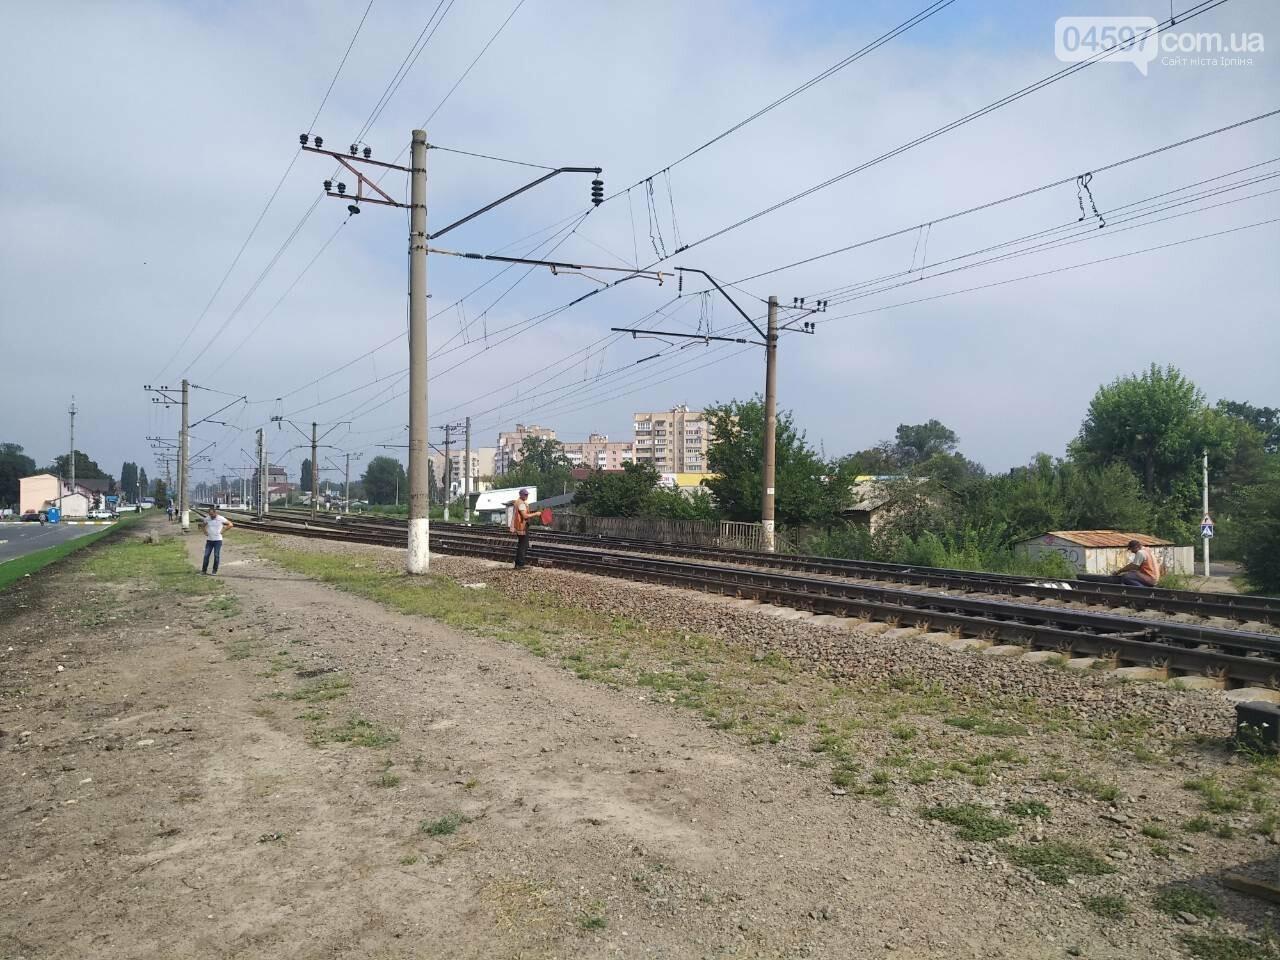 В Ірпені розпочали облаштування наземного переходу через залізничні колії, фото-5